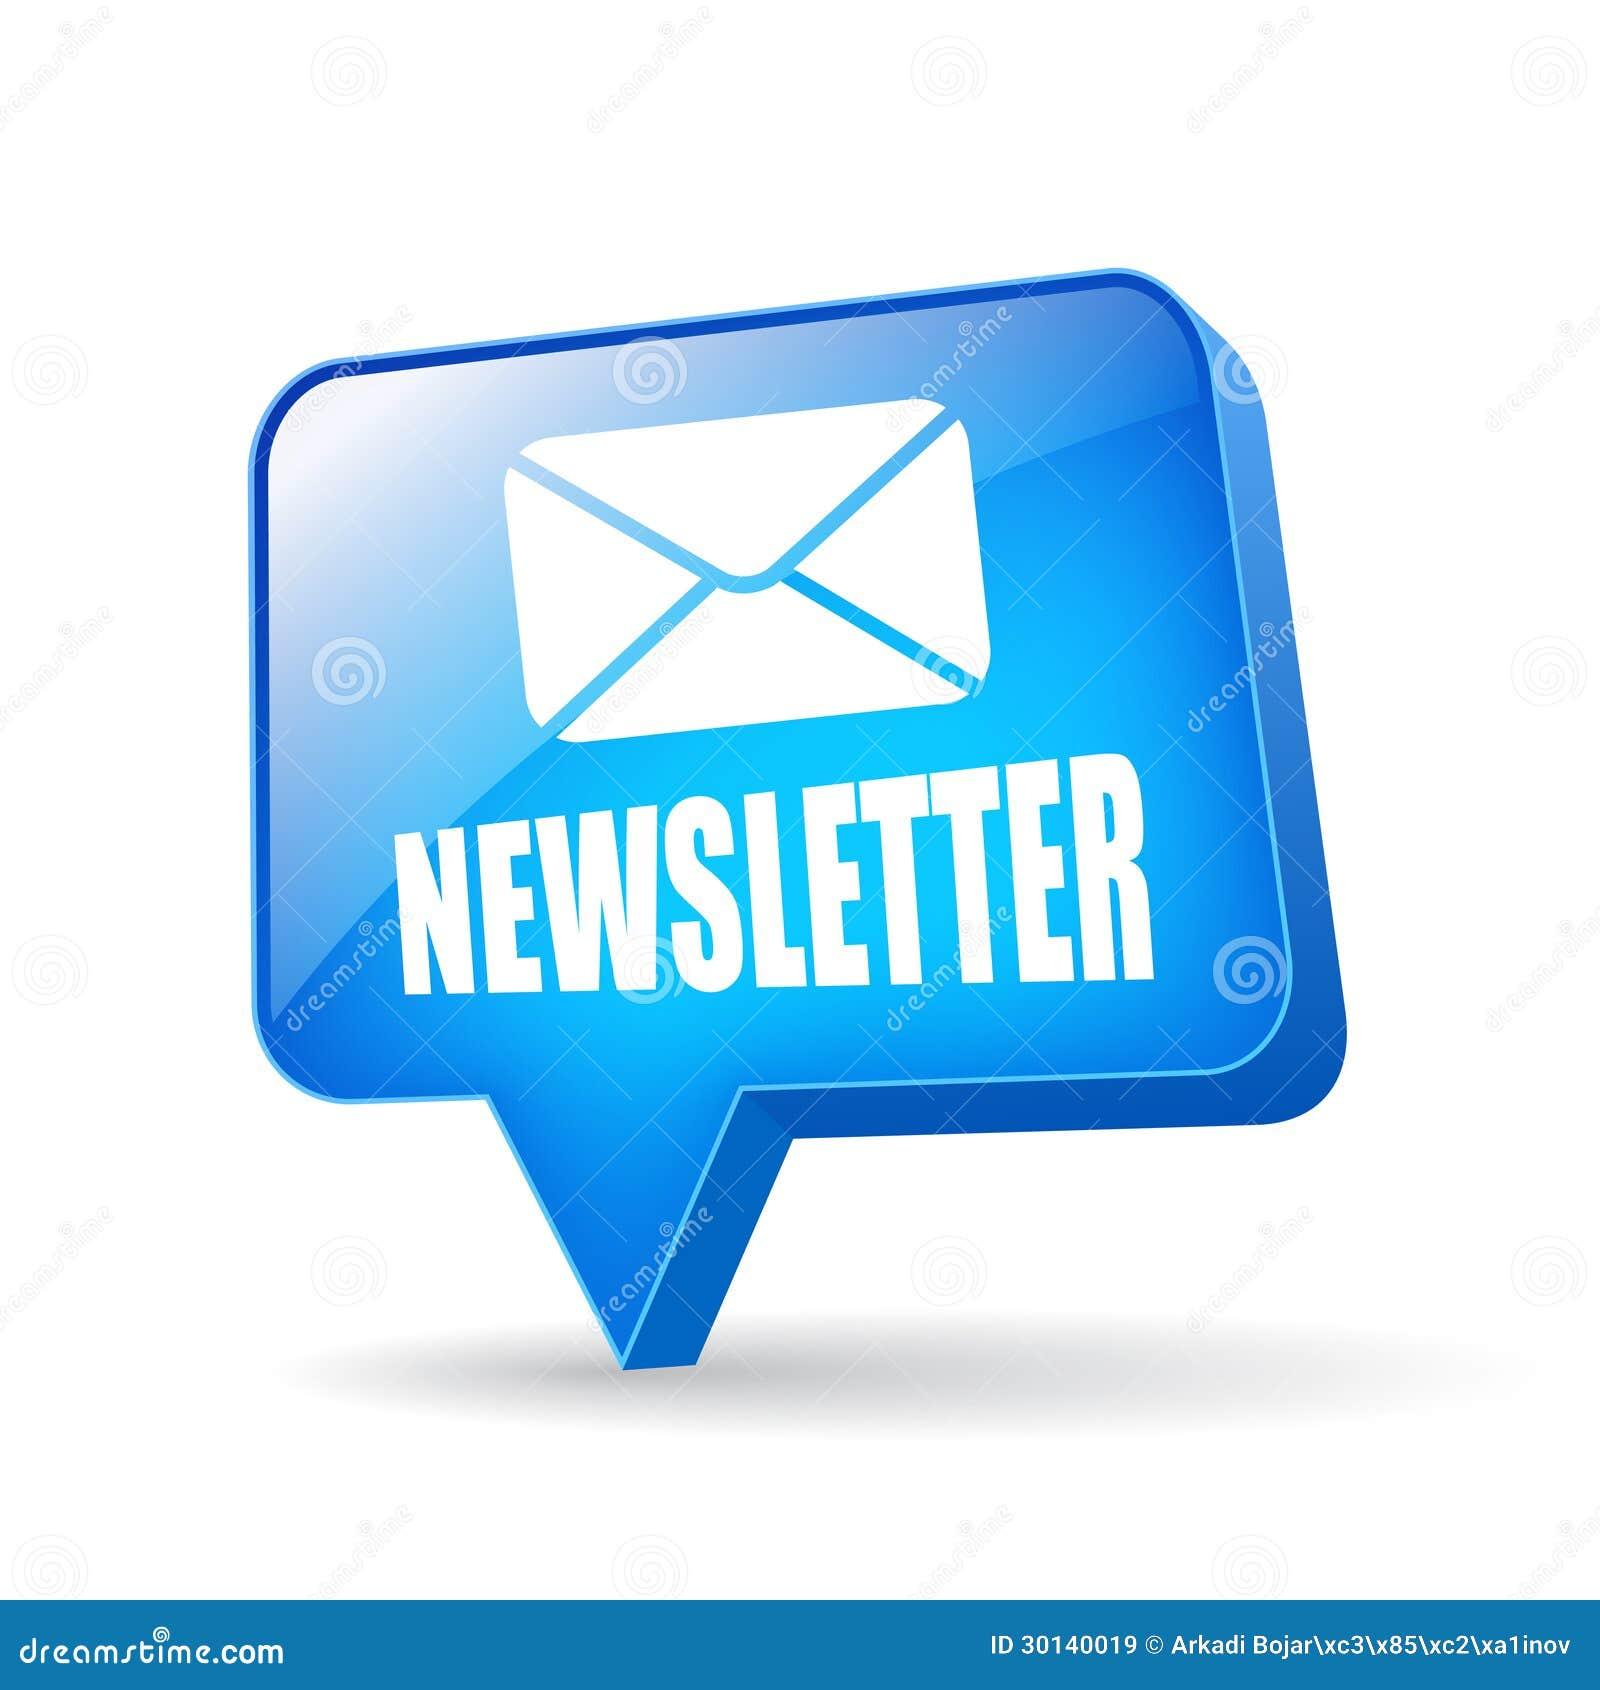 Newsletter Stock Illustrations – 19,111 Newsletter Stock ...